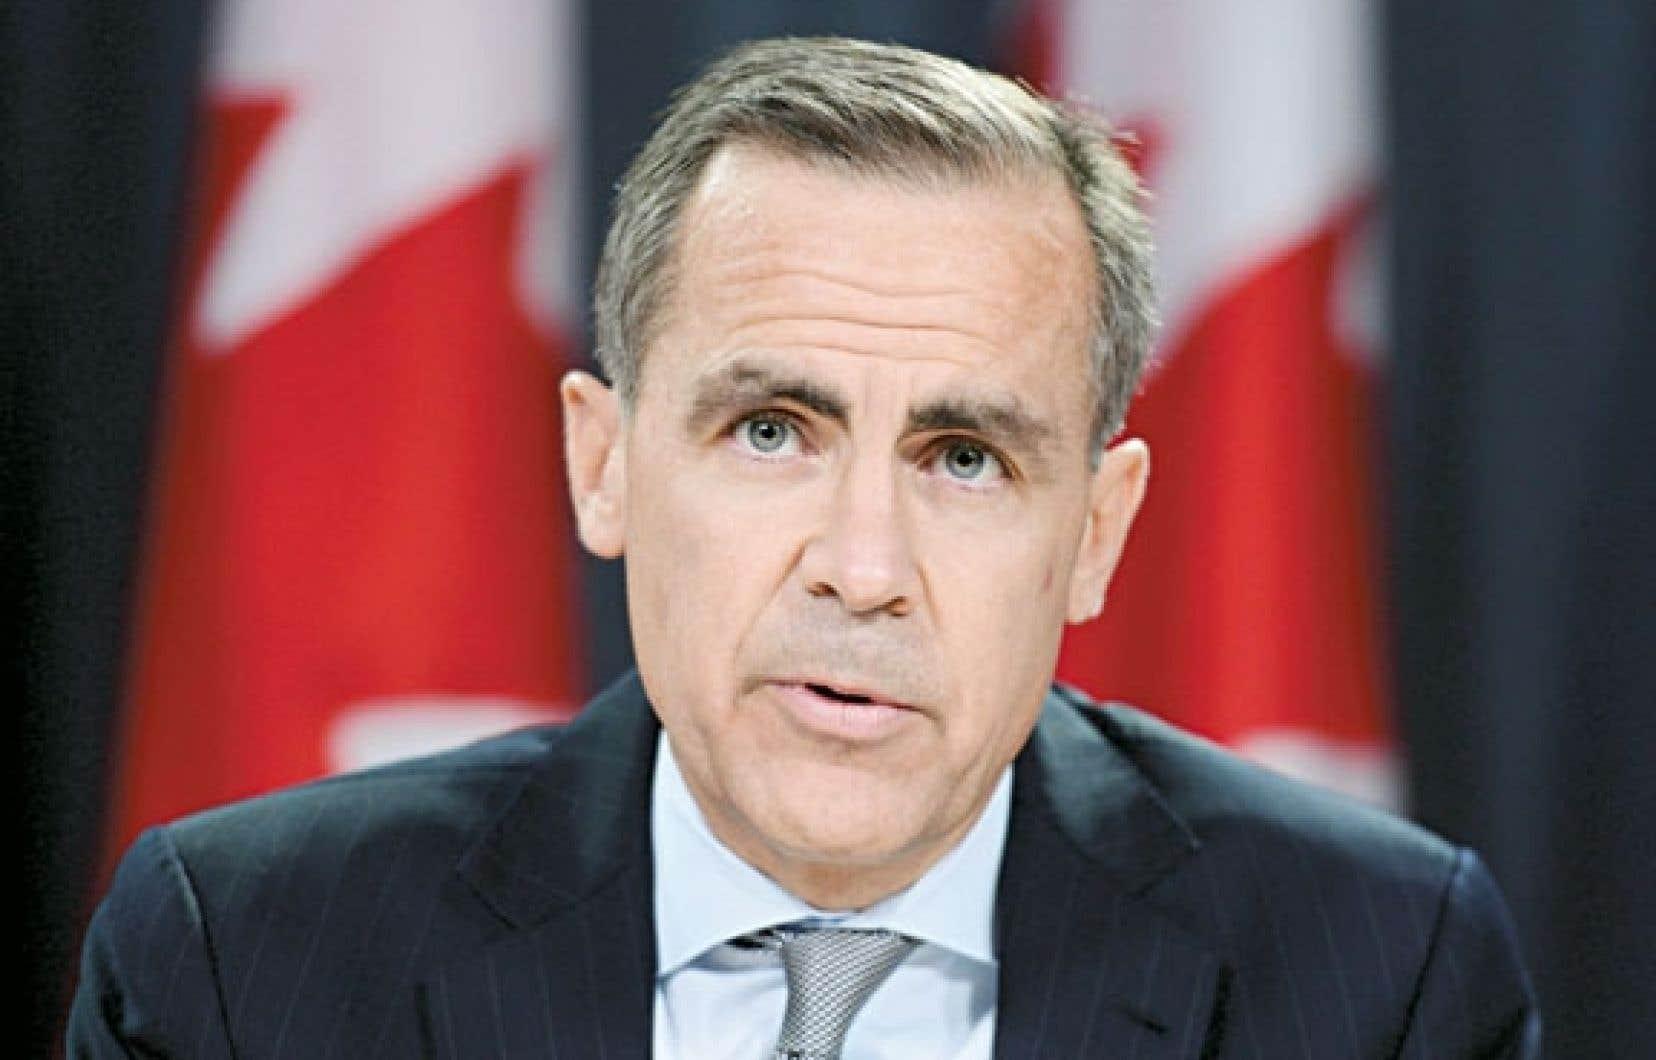 Le gouverneur de la banque centrale, Mark Carney, a cependant expliqué que l'institution refusait de mordre à l'hameçon du pessimisme de certains observateurs.